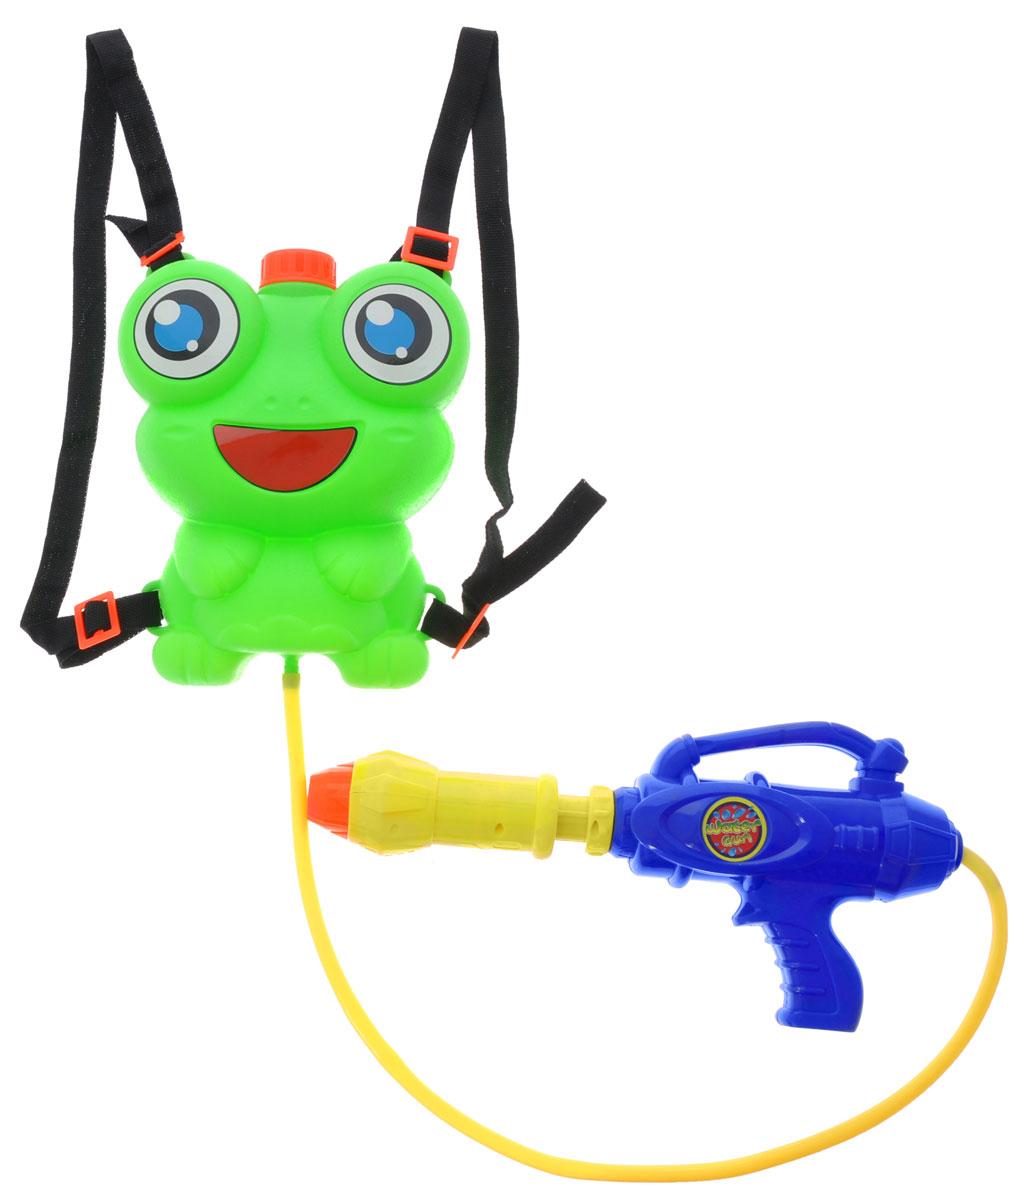 Bebelot Водный автомат Водомет с ранцем-лягушонком цвет зеленый синий желтый водная помпа спасательная операция с ранцем баллоном bebelot